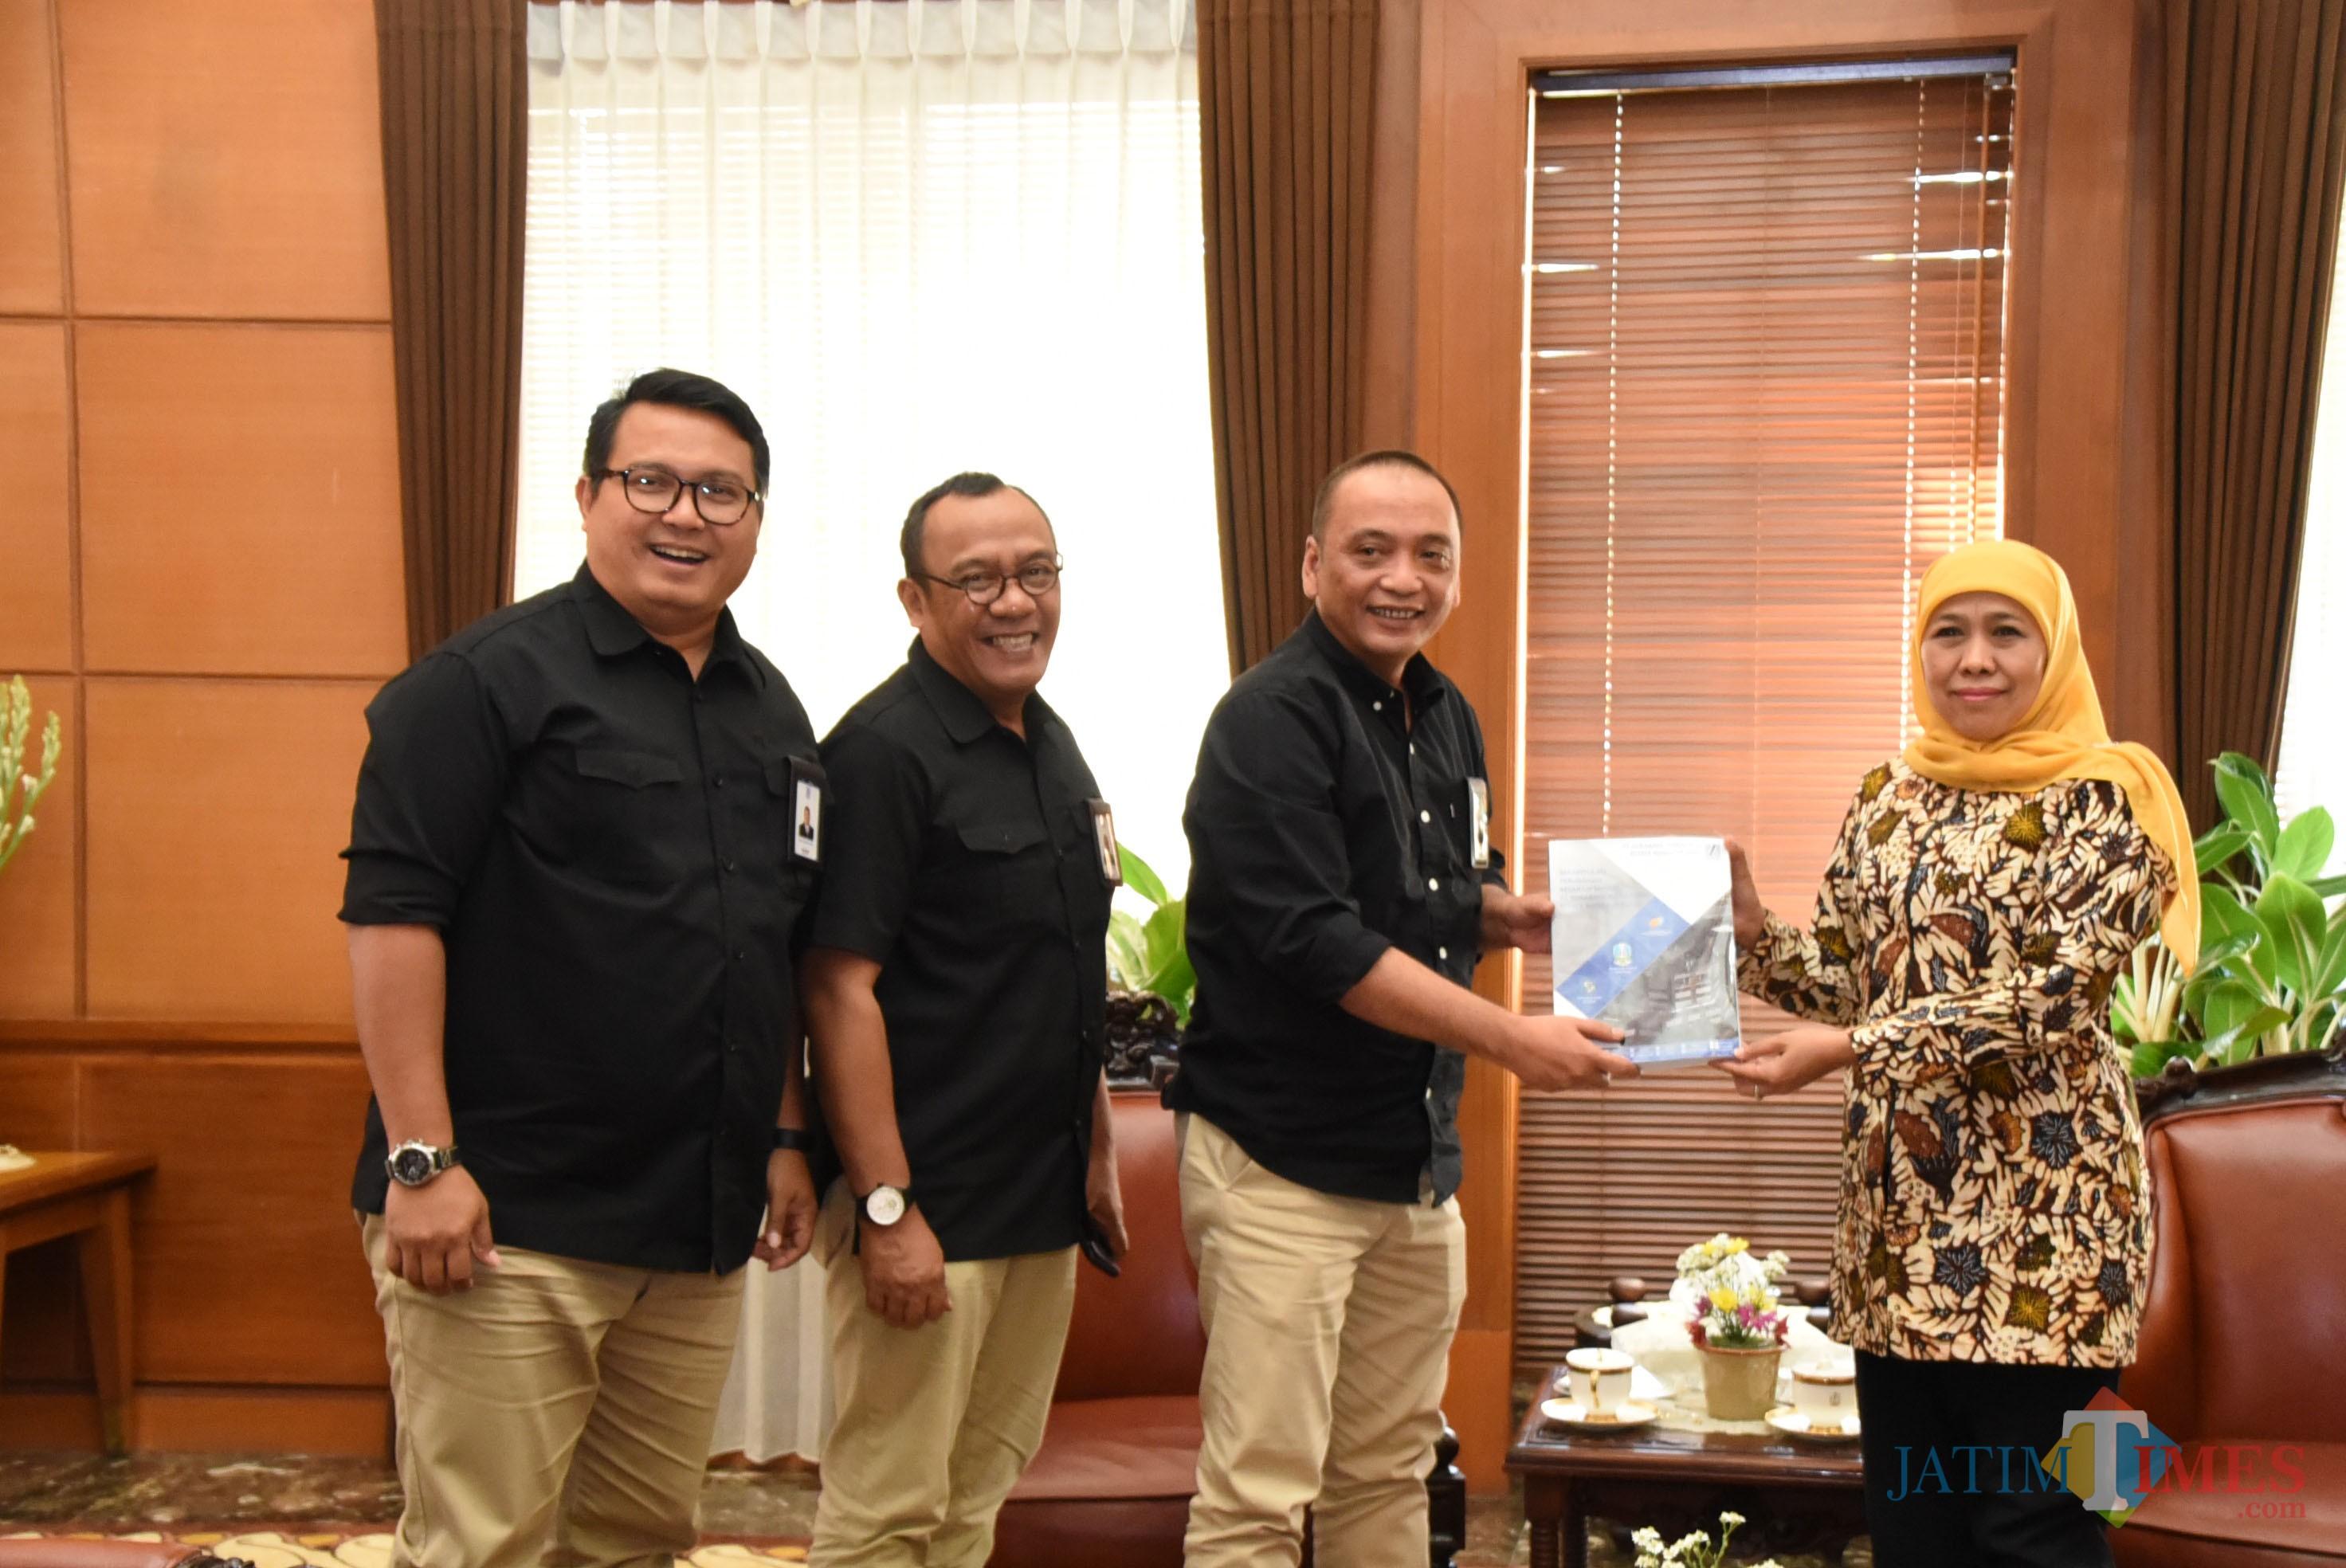 Gubernur Khofifah (kanan) saat menerima audiensi dari direksi PT SIER di Kantor Gubernur Jatim.